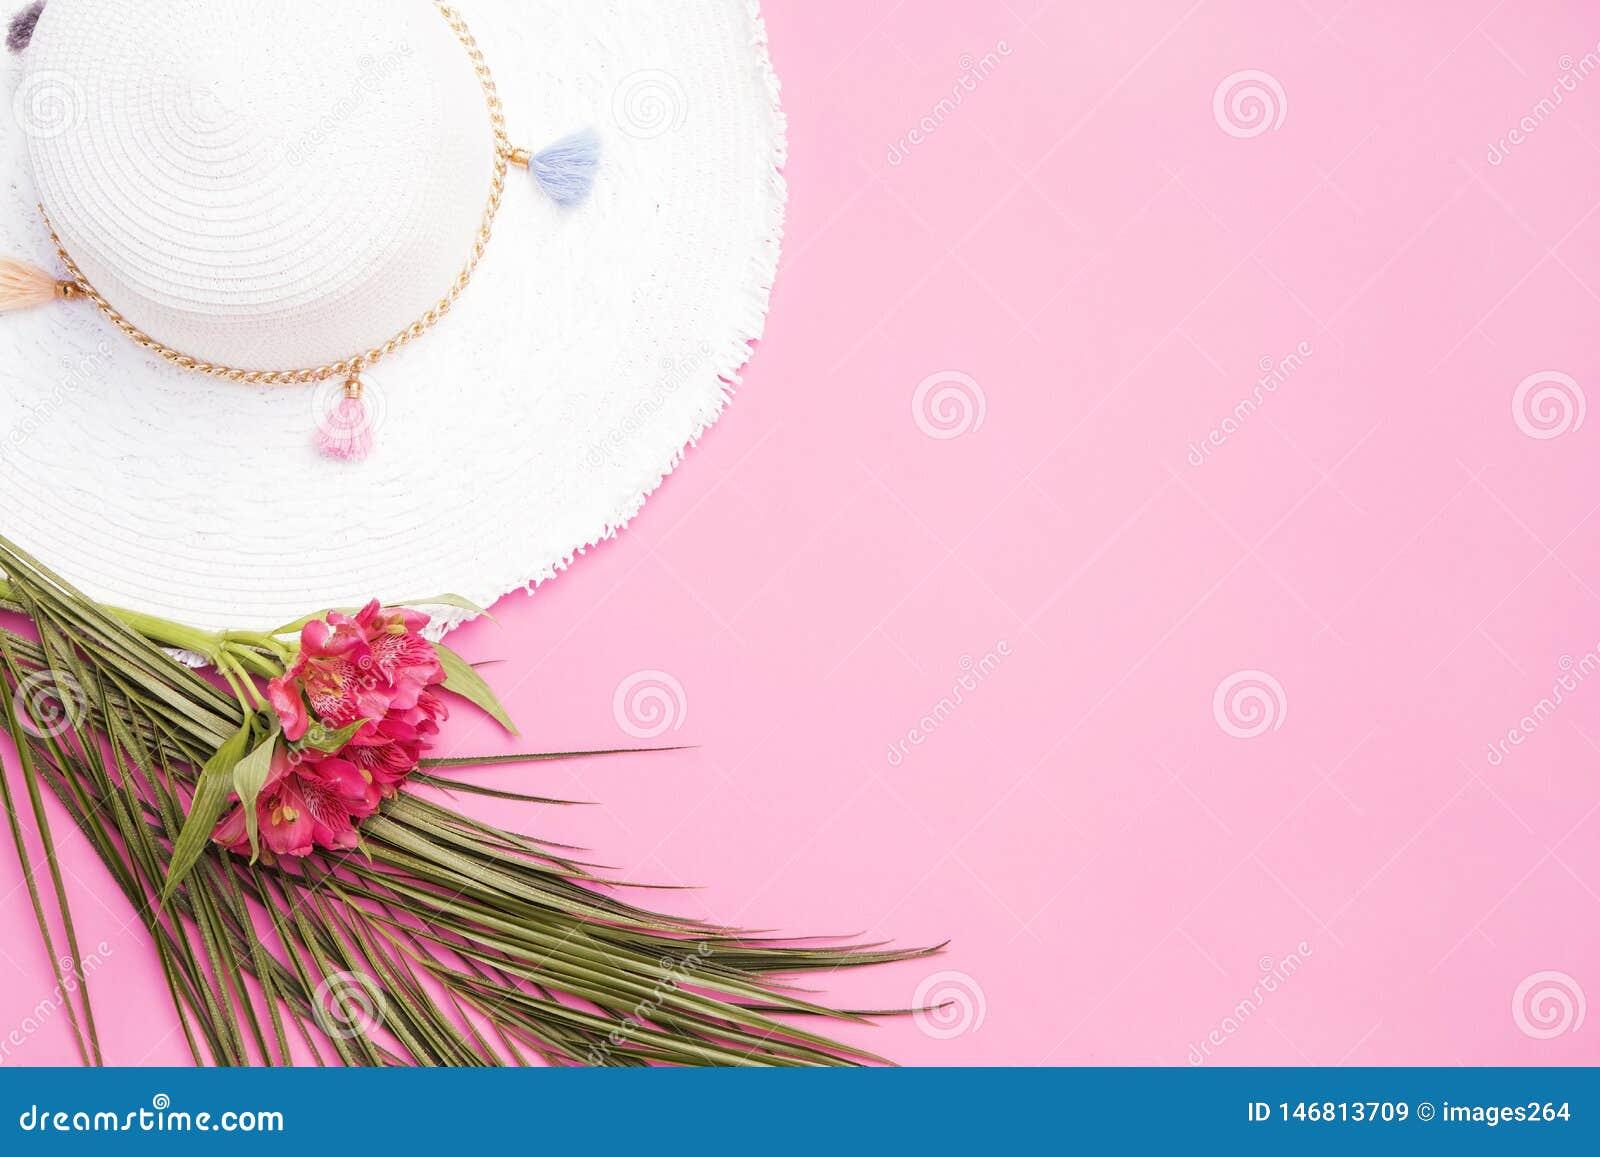 Άσπρο καπέλο